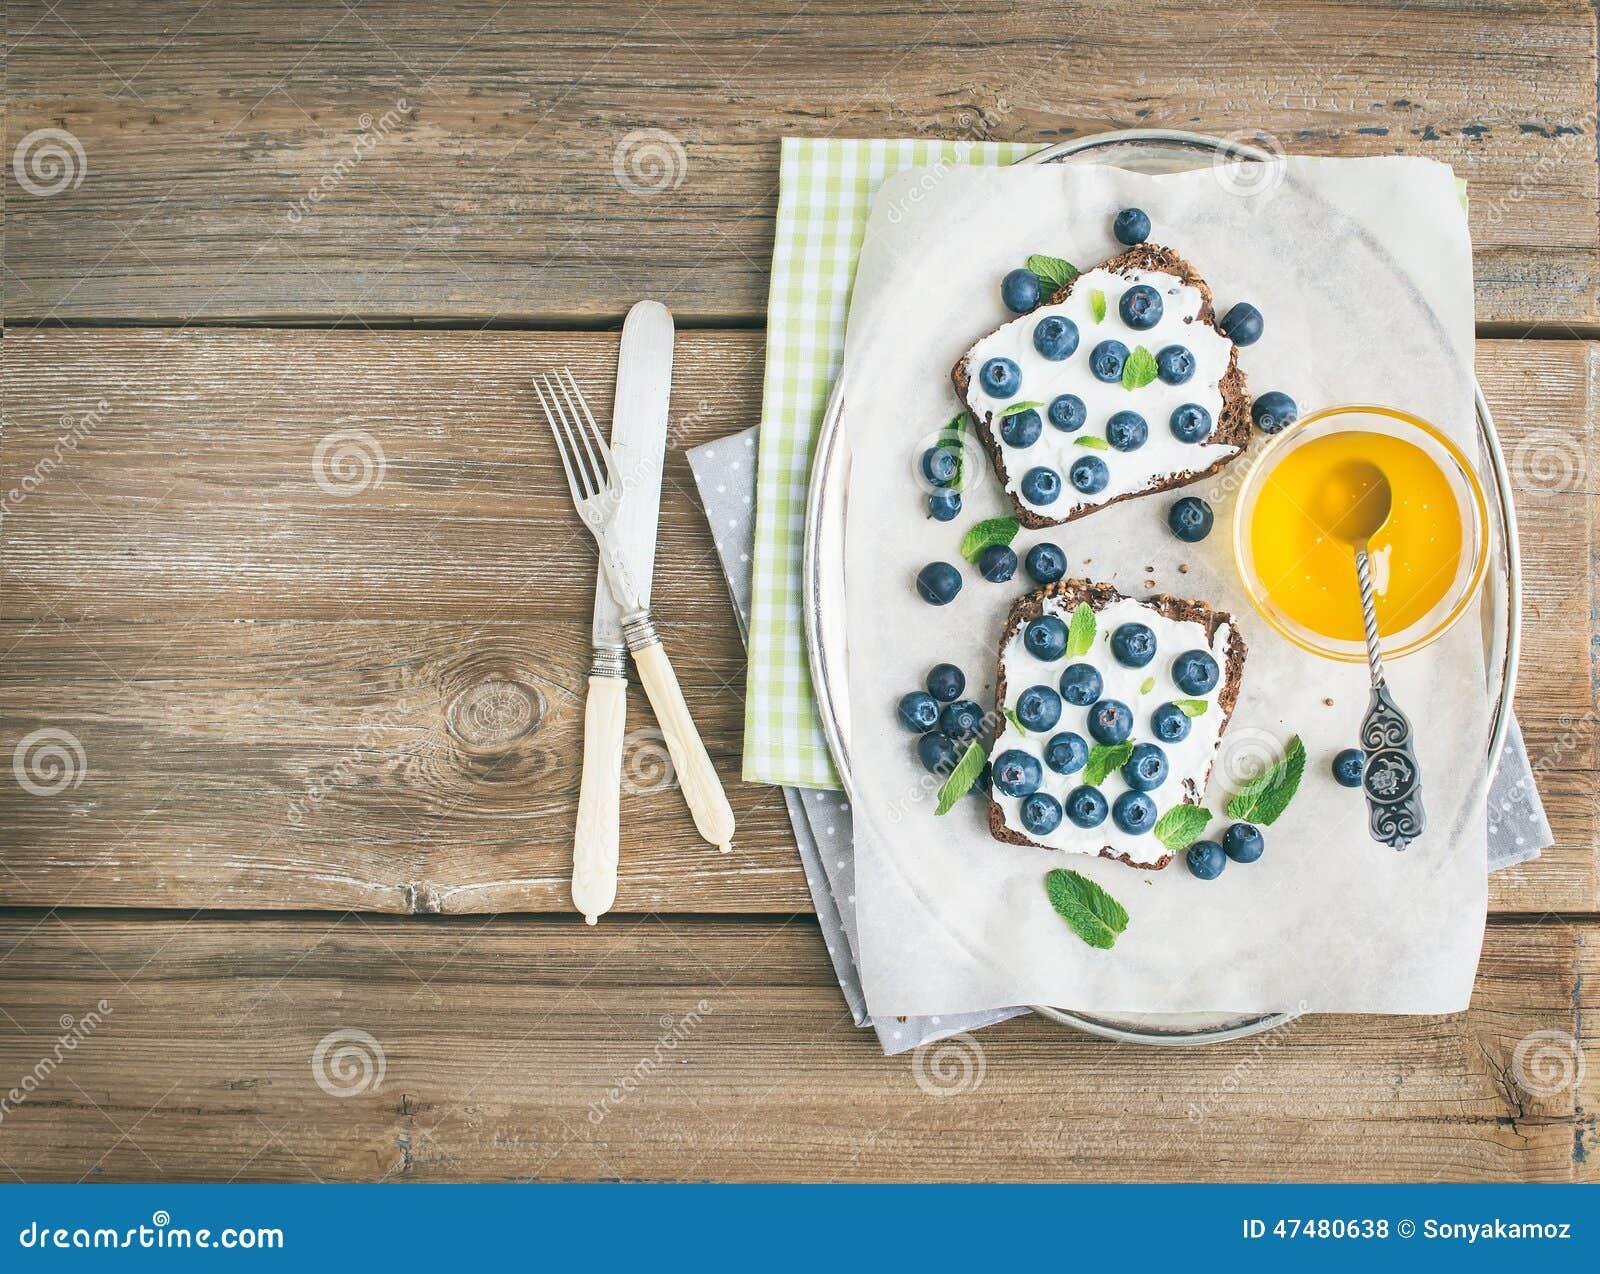 健康早餐设置了与乳清干酪,新鲜的蓝莓,蜂蜜和